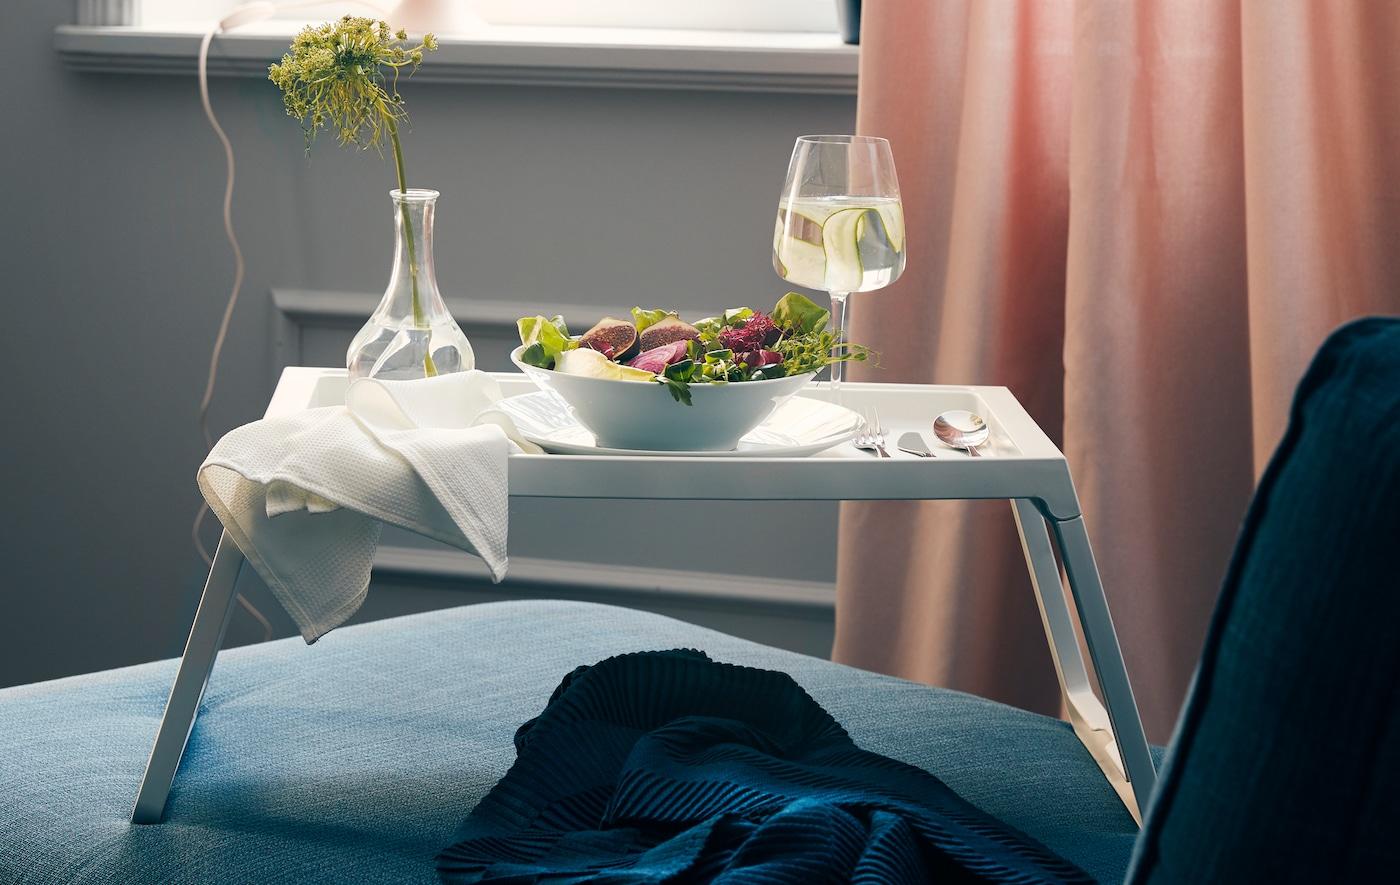 Una cena tutta per sé si assapora meglio davanti a un buon film. Gustala a letto, sul divano o sulla tua poltrona preferita usando un vassoio da letto - IKEA